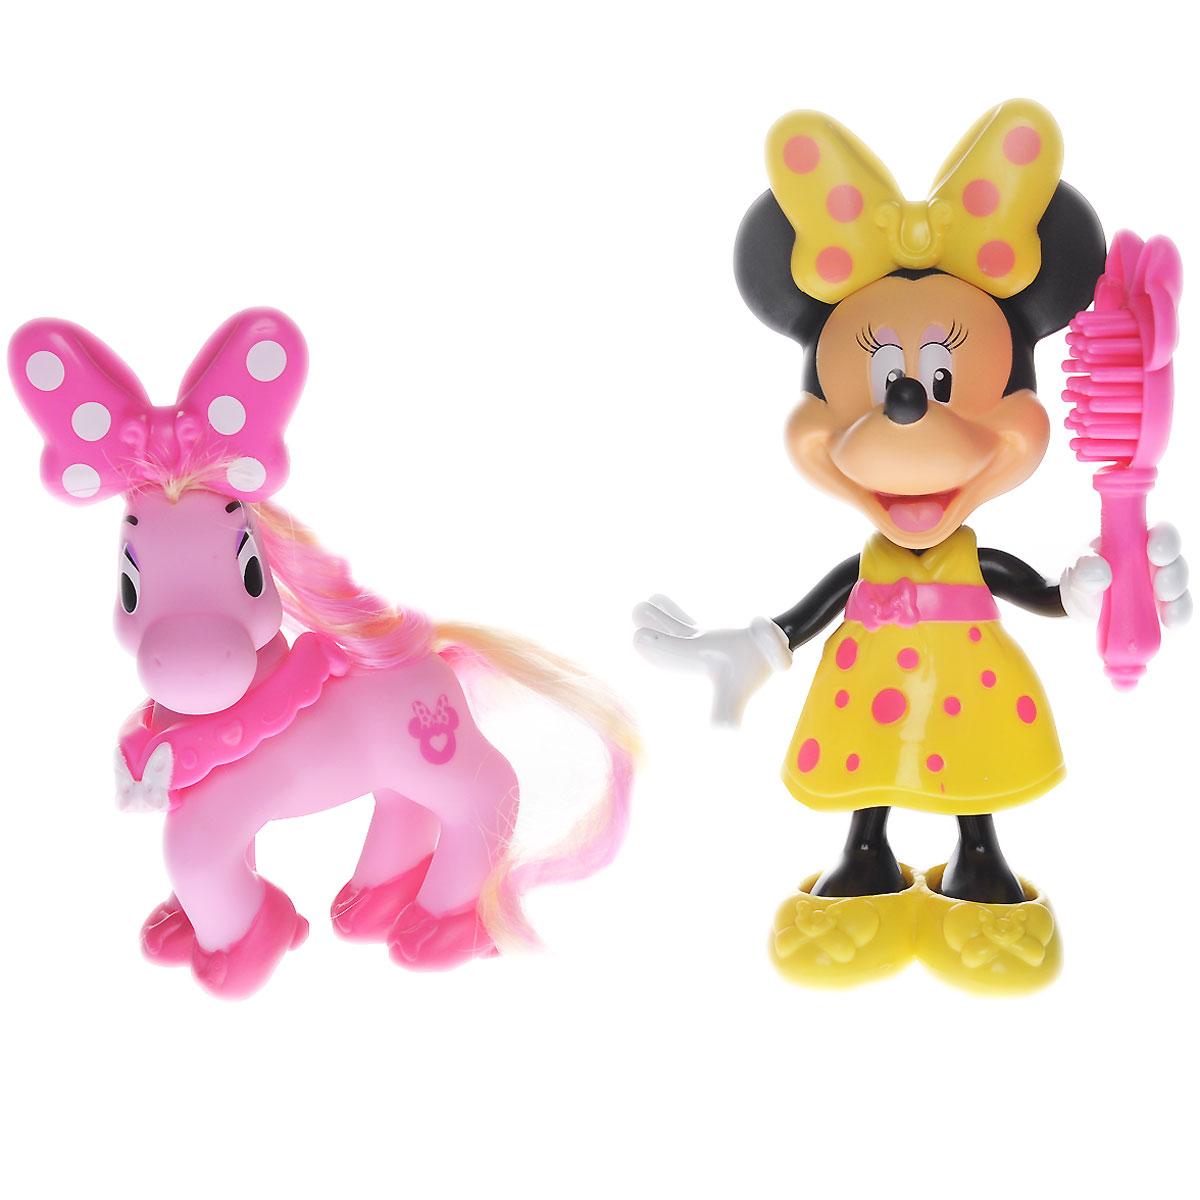 Minnie Mouse Игровой набор с мини-фигуркой Минни Маус с пониBMK17_BJN95Игровой набор Minnie Mouse Минни Маус с пони привлечет внимание вашей малышки и не позволит ей скучать. Набор включает в себя фигурку Минни в желтом платье и туфельках, фигурку пони с длинной гривой и хвостом, а также расческу и два бантика, которыми фигурки могут обмениваться. Ваш ребенок часами будет играть с набором, придумывая разные истории. Порадуйте его таким замечательным подарком!